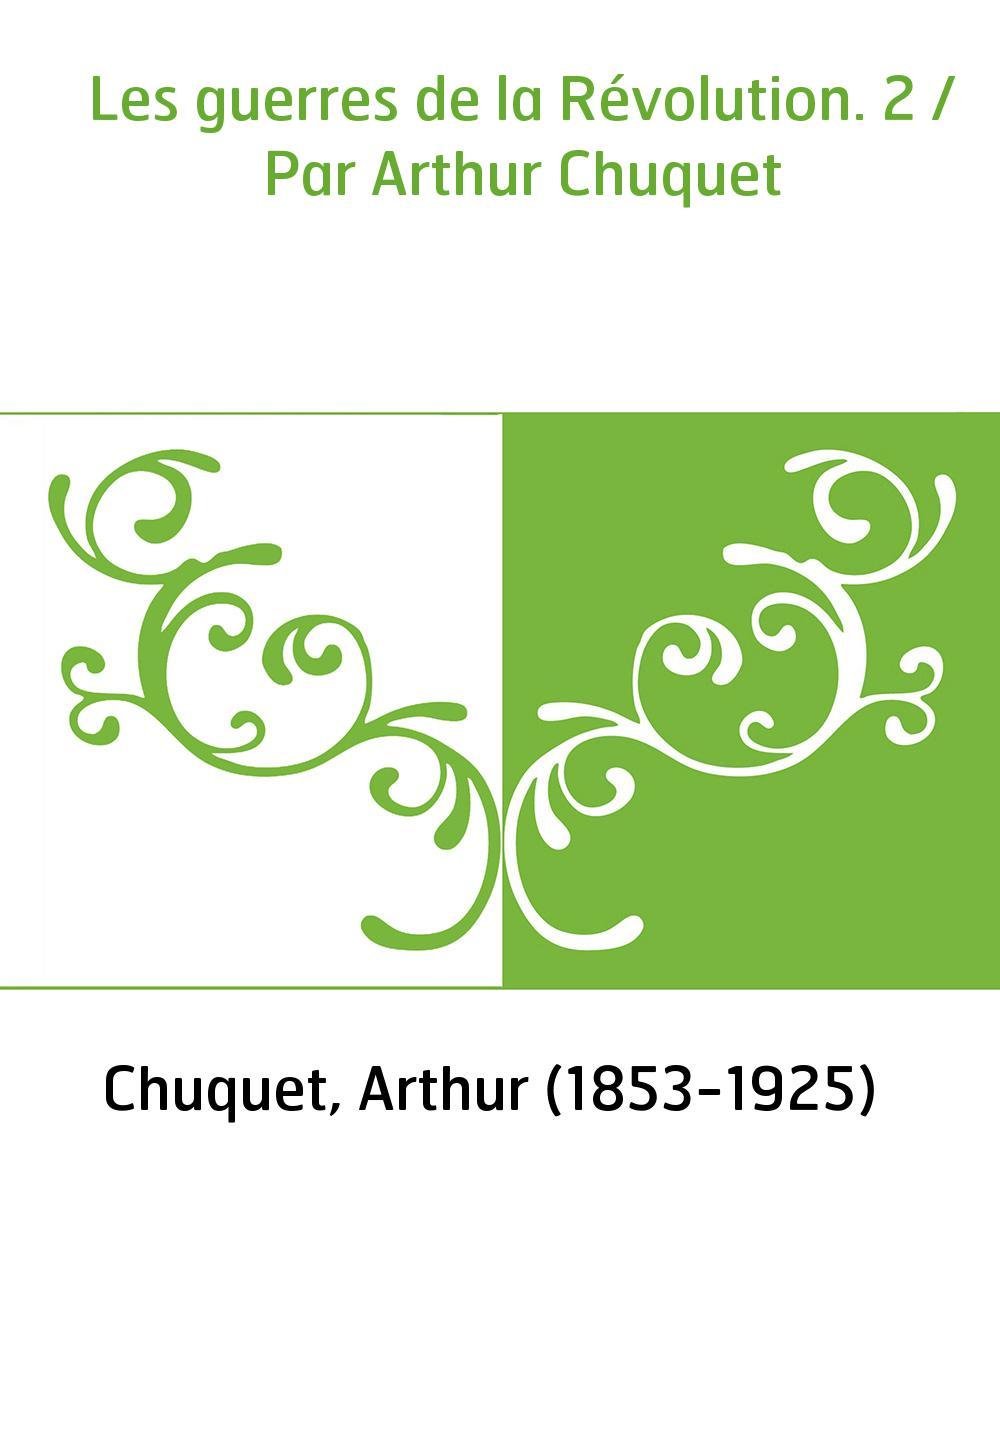 Les guerres de la Révolution. 2 / Par Arthur Chuquet